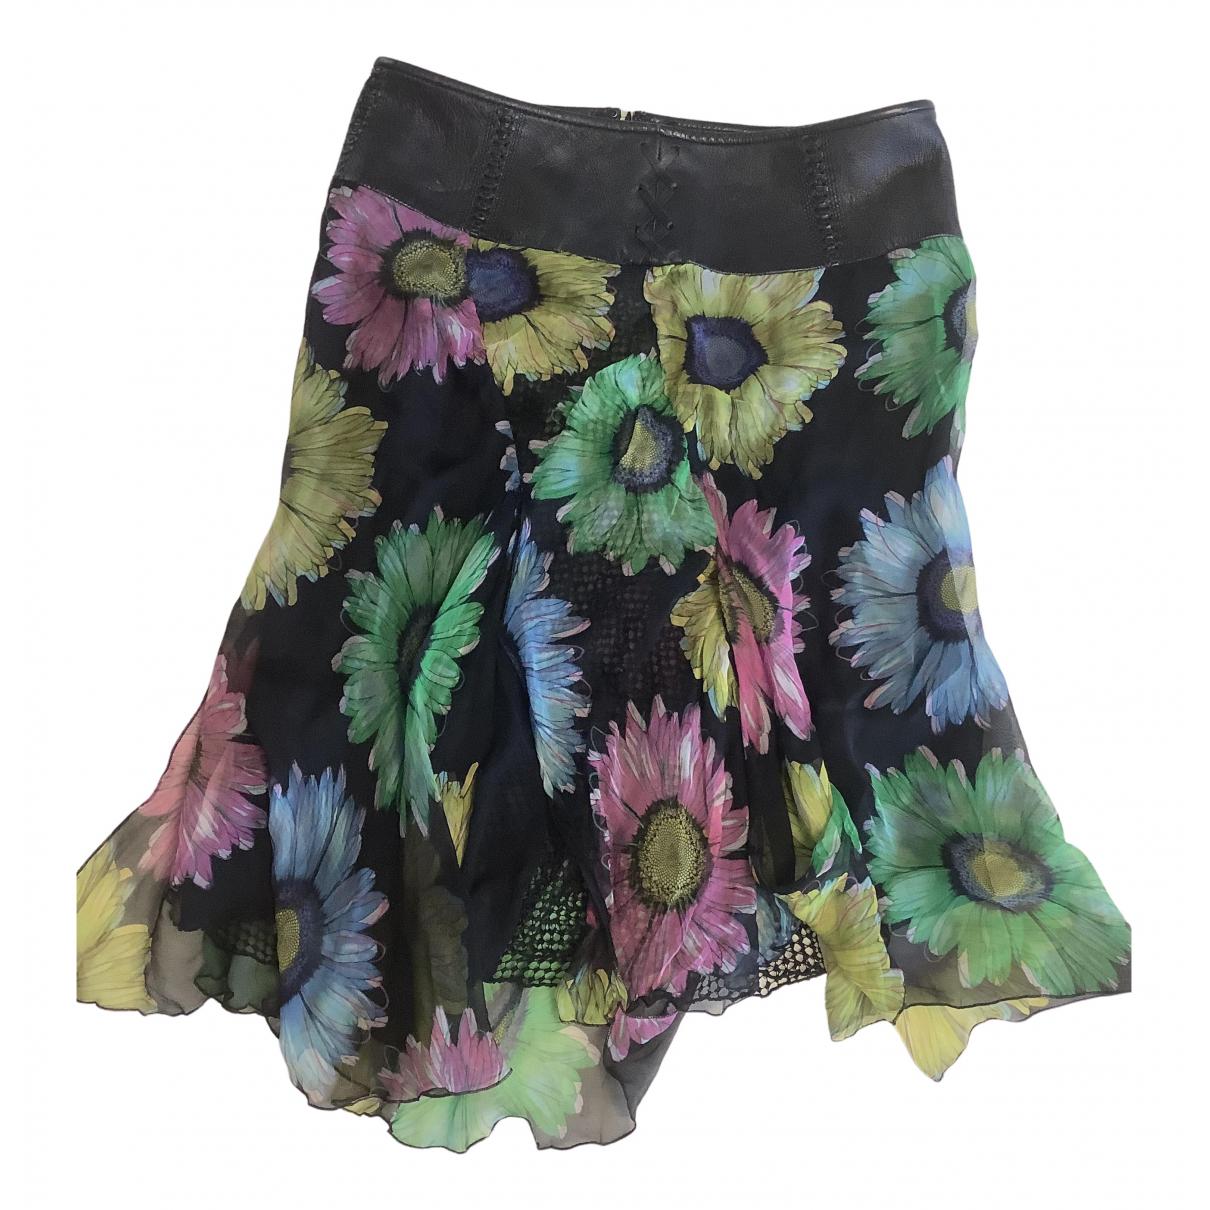 Gianni Versace - Jupe   pour femme en soie - multicolore